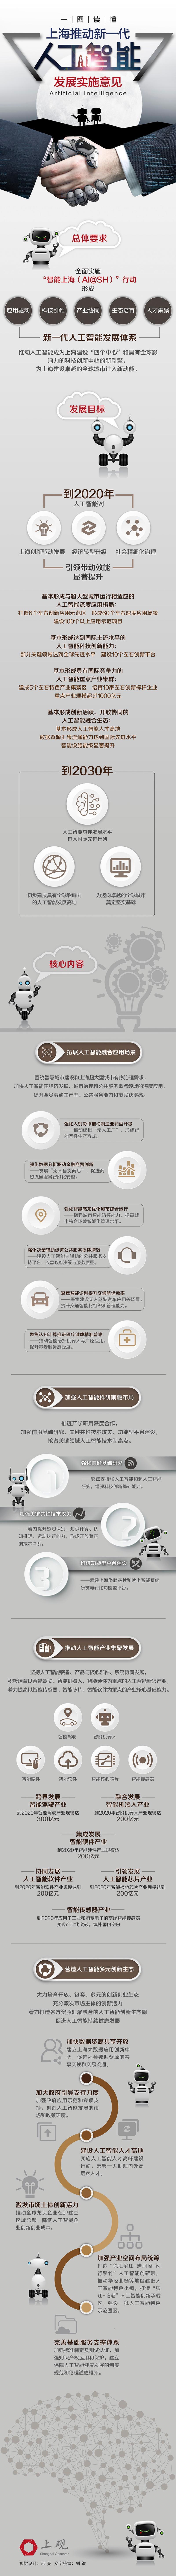 上海:2020年人工智能重点产业规模超1000亿